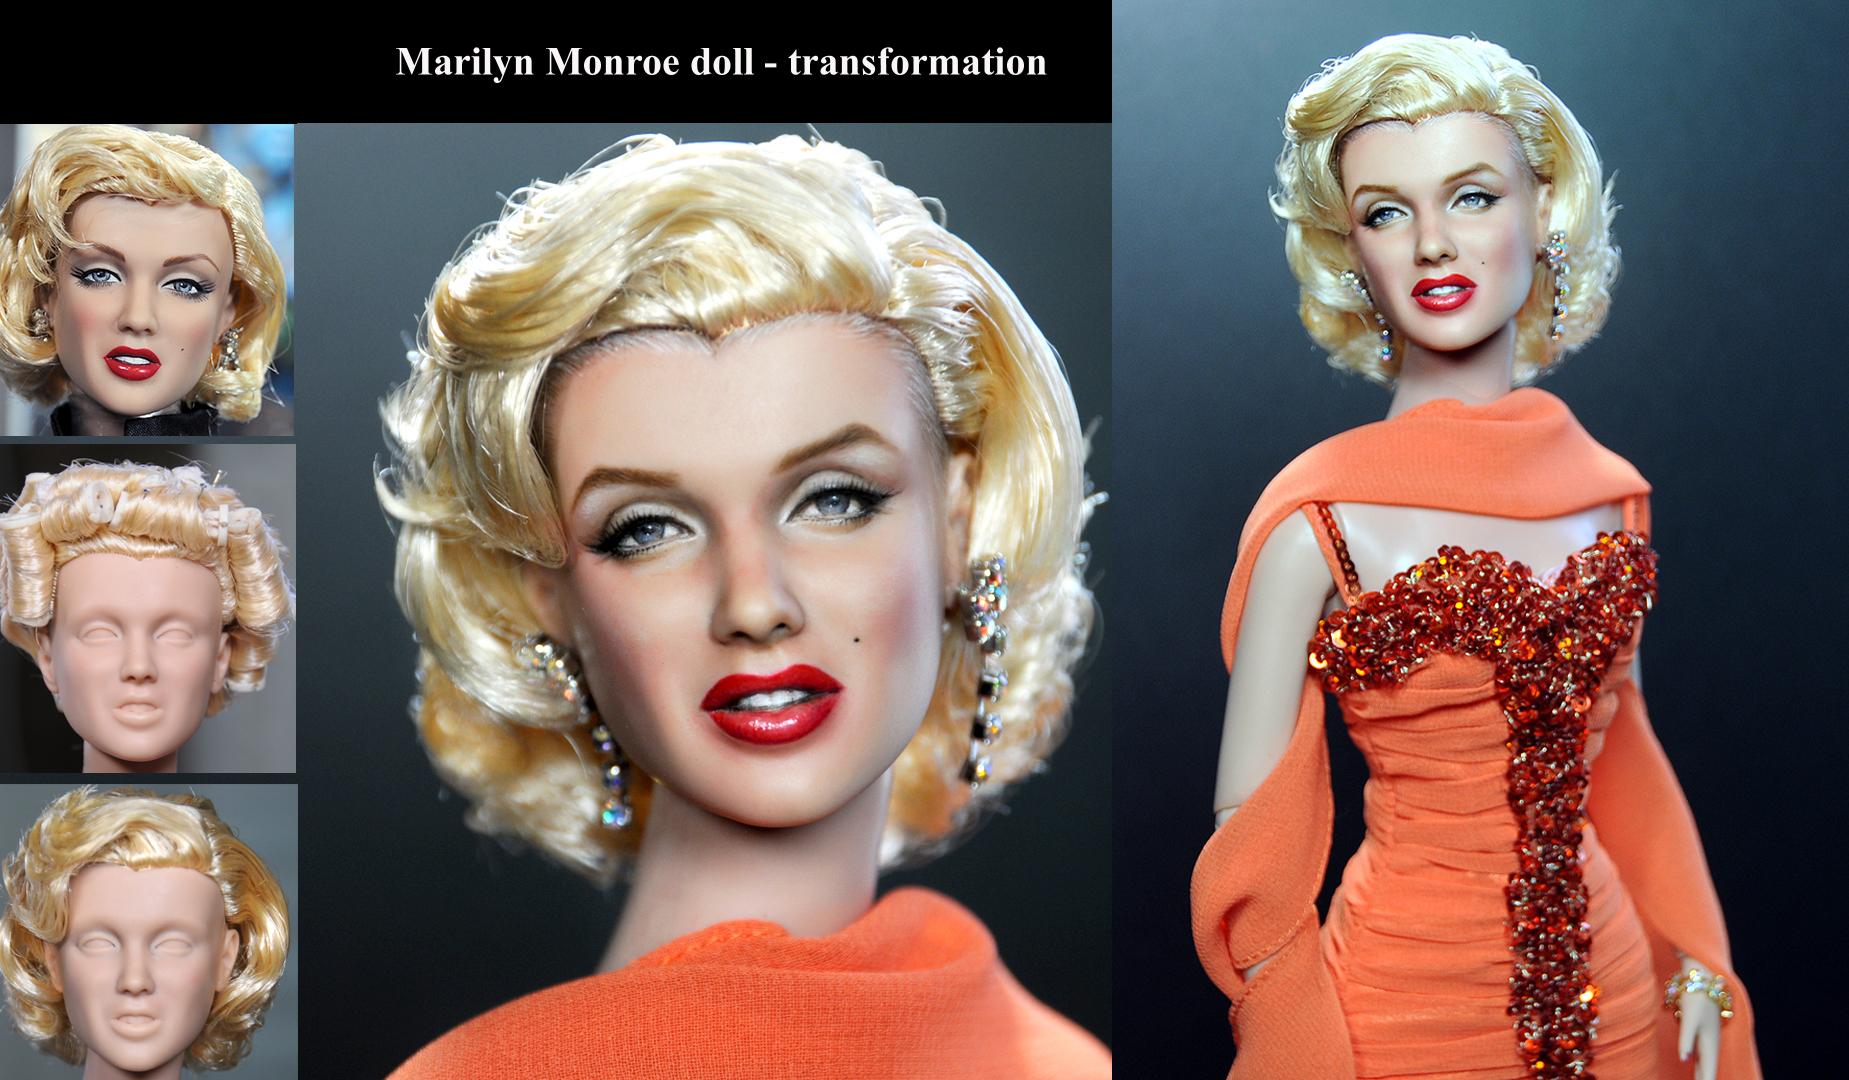 Marilyn Monroe custom doll repaint transformation by noeling